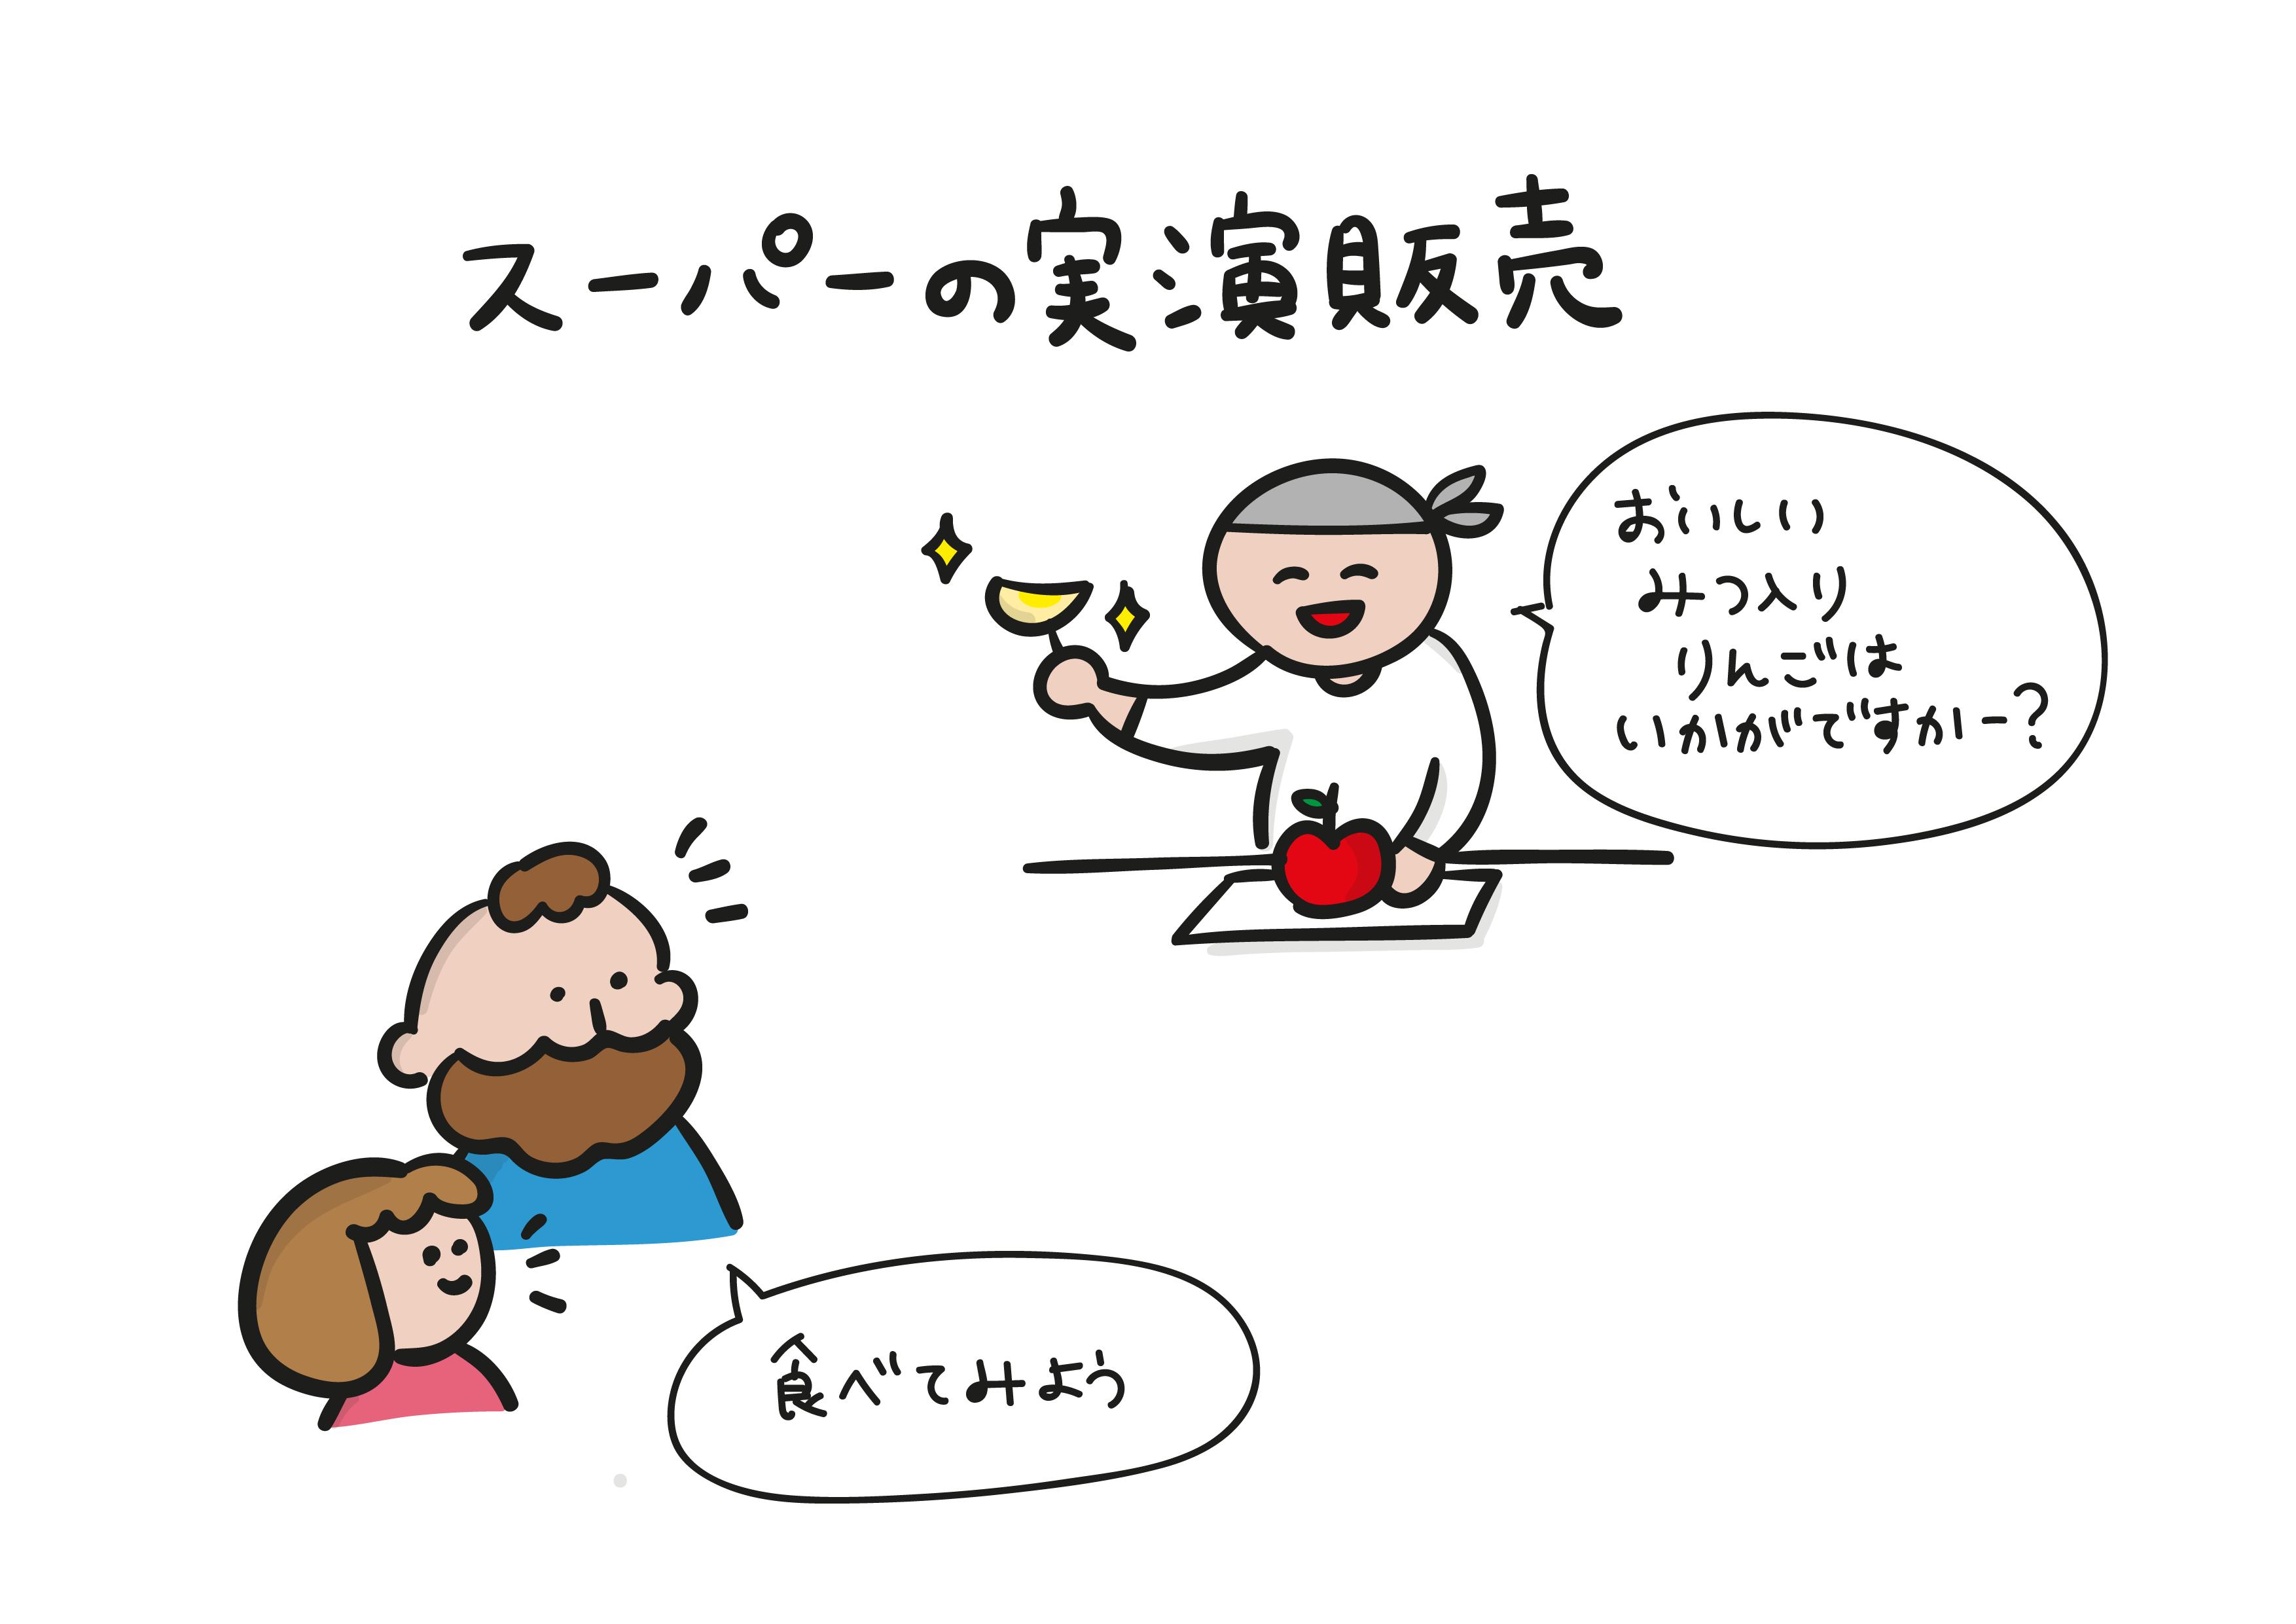 蜜入りりんご_01-01